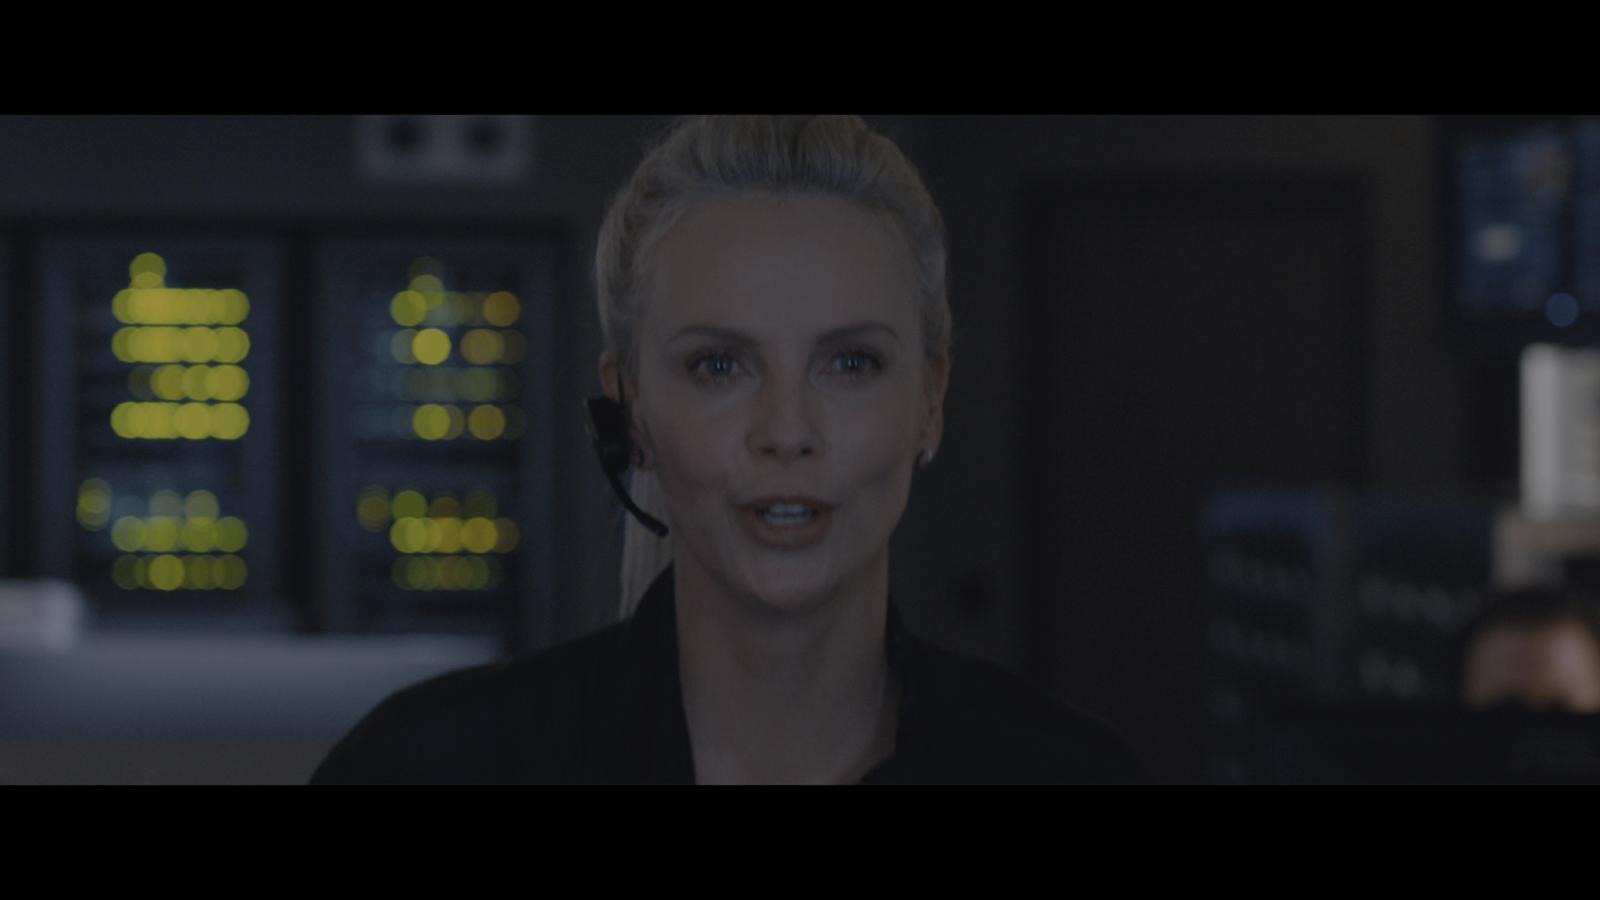 Rápidos y Furiosos 8 (2017) 4K UHD [HDR] Blu-Ray Completo captura 1